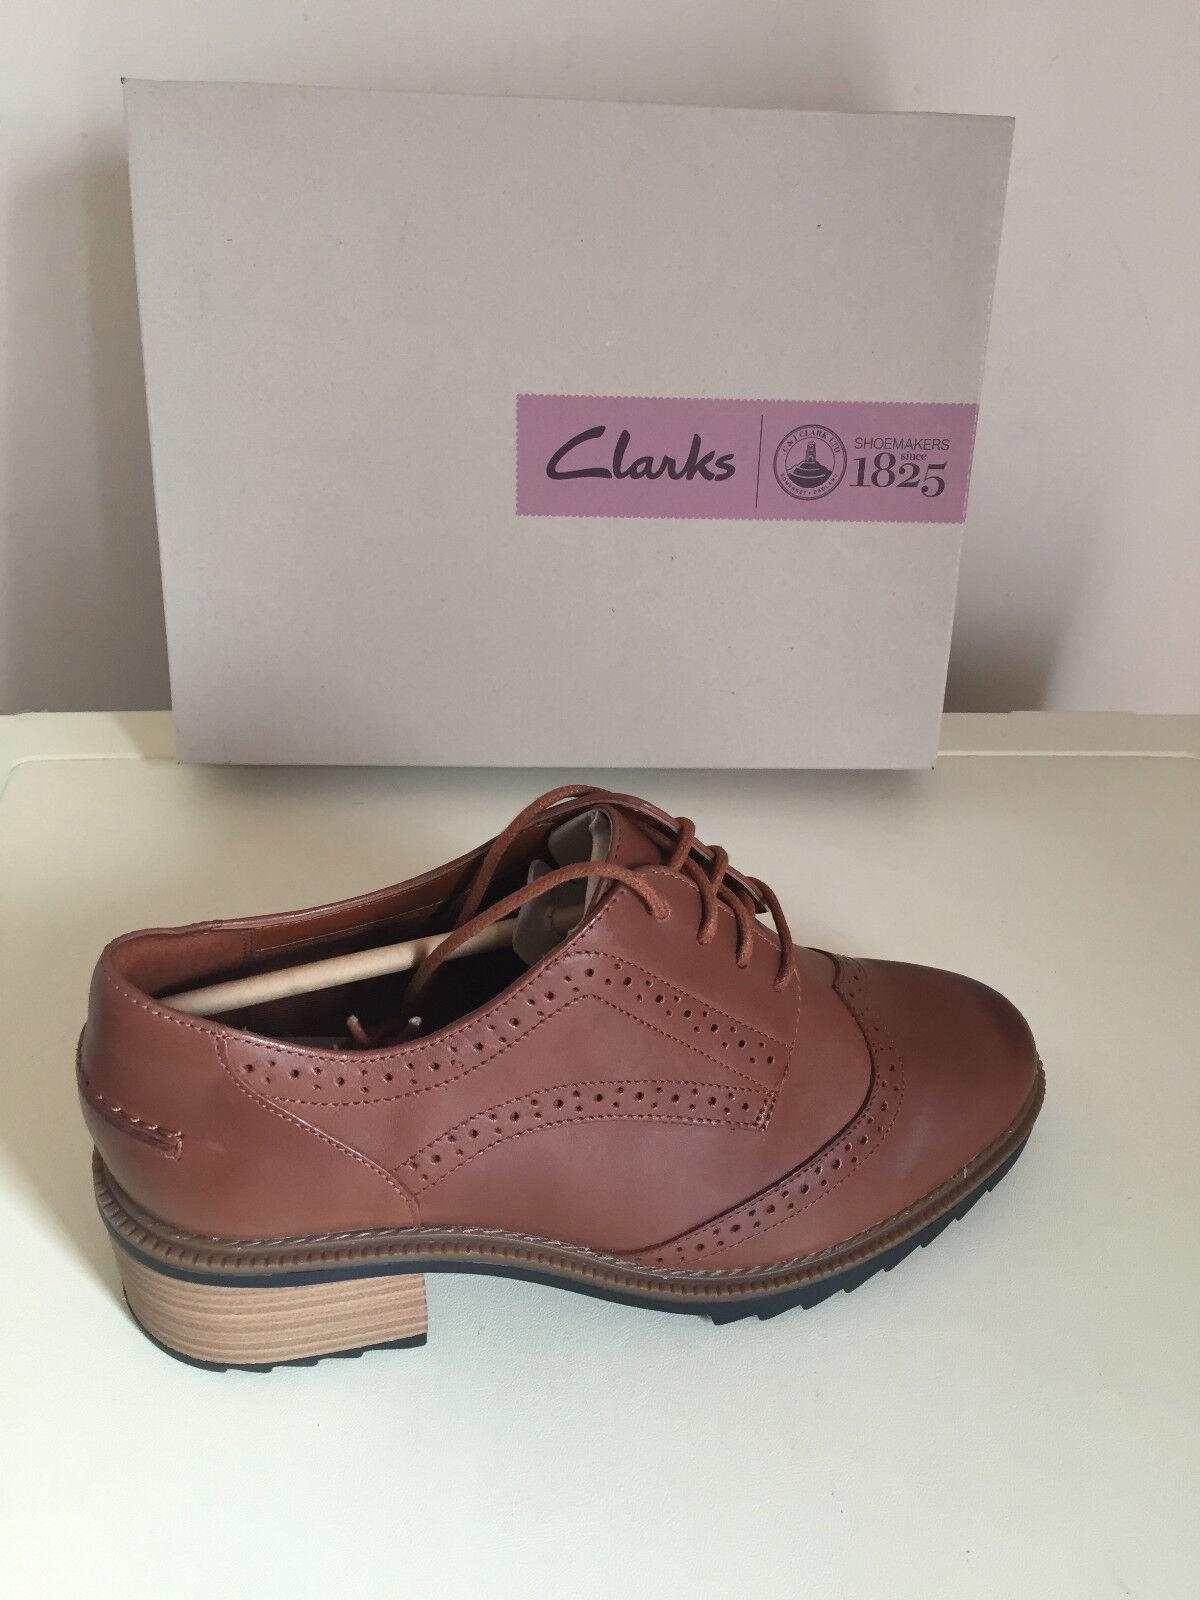 Mujeres señoras de cuero tostado tostado tostado Clark zapatos talla UK 6.5 5.5 y 7  la mejor oferta de tienda online